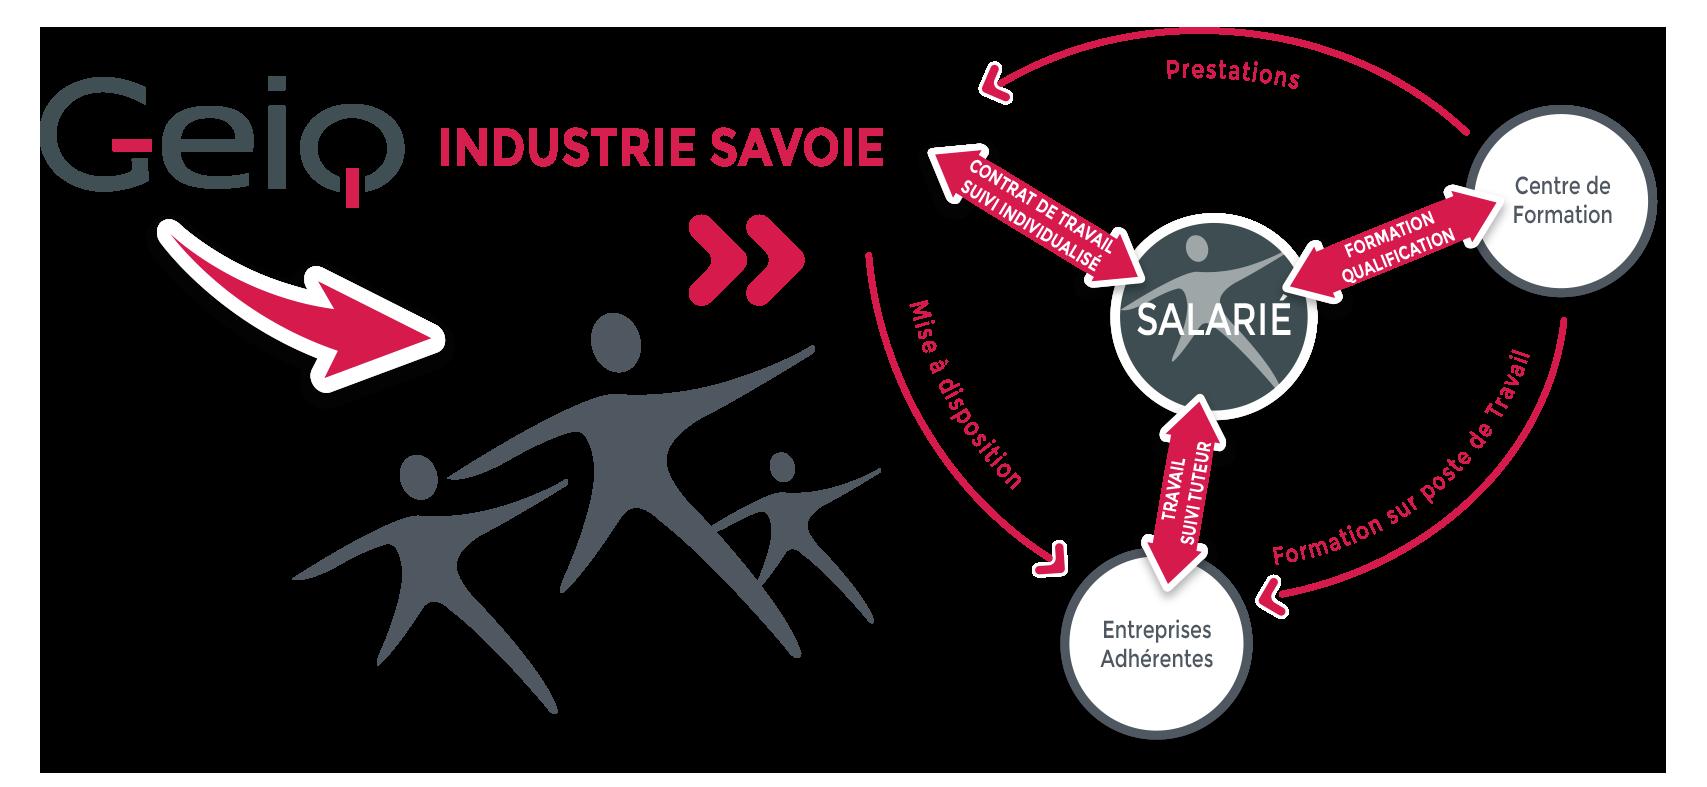 GEIQ Industrie Savoie